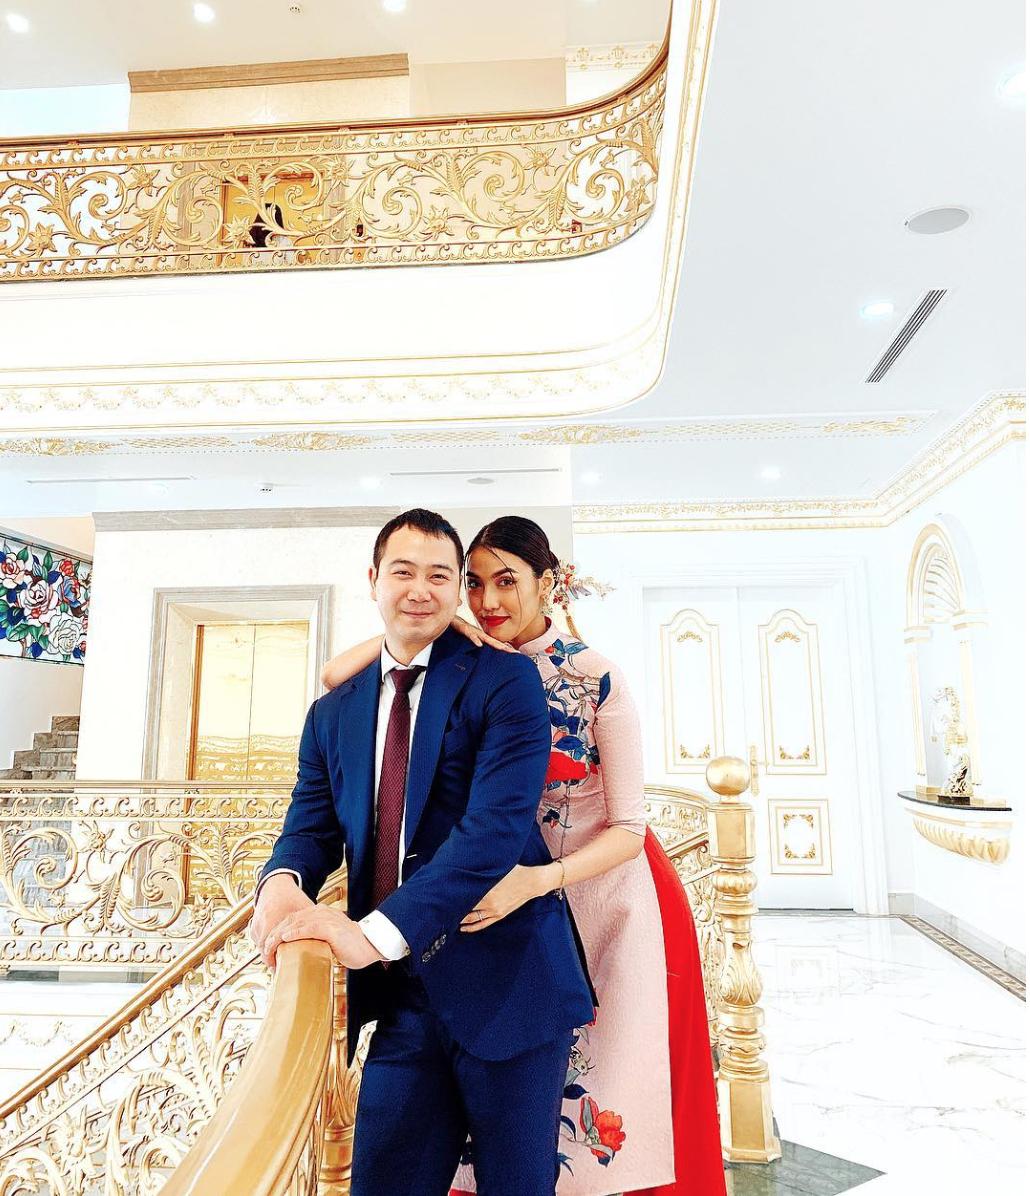 Mùng 1 Tết: Ngợp trời sao diện áo dài, nhưng nổi nhất là vợ chồng Hà Tăng và Lan Khuê với cơ ngơi dát vàng-4